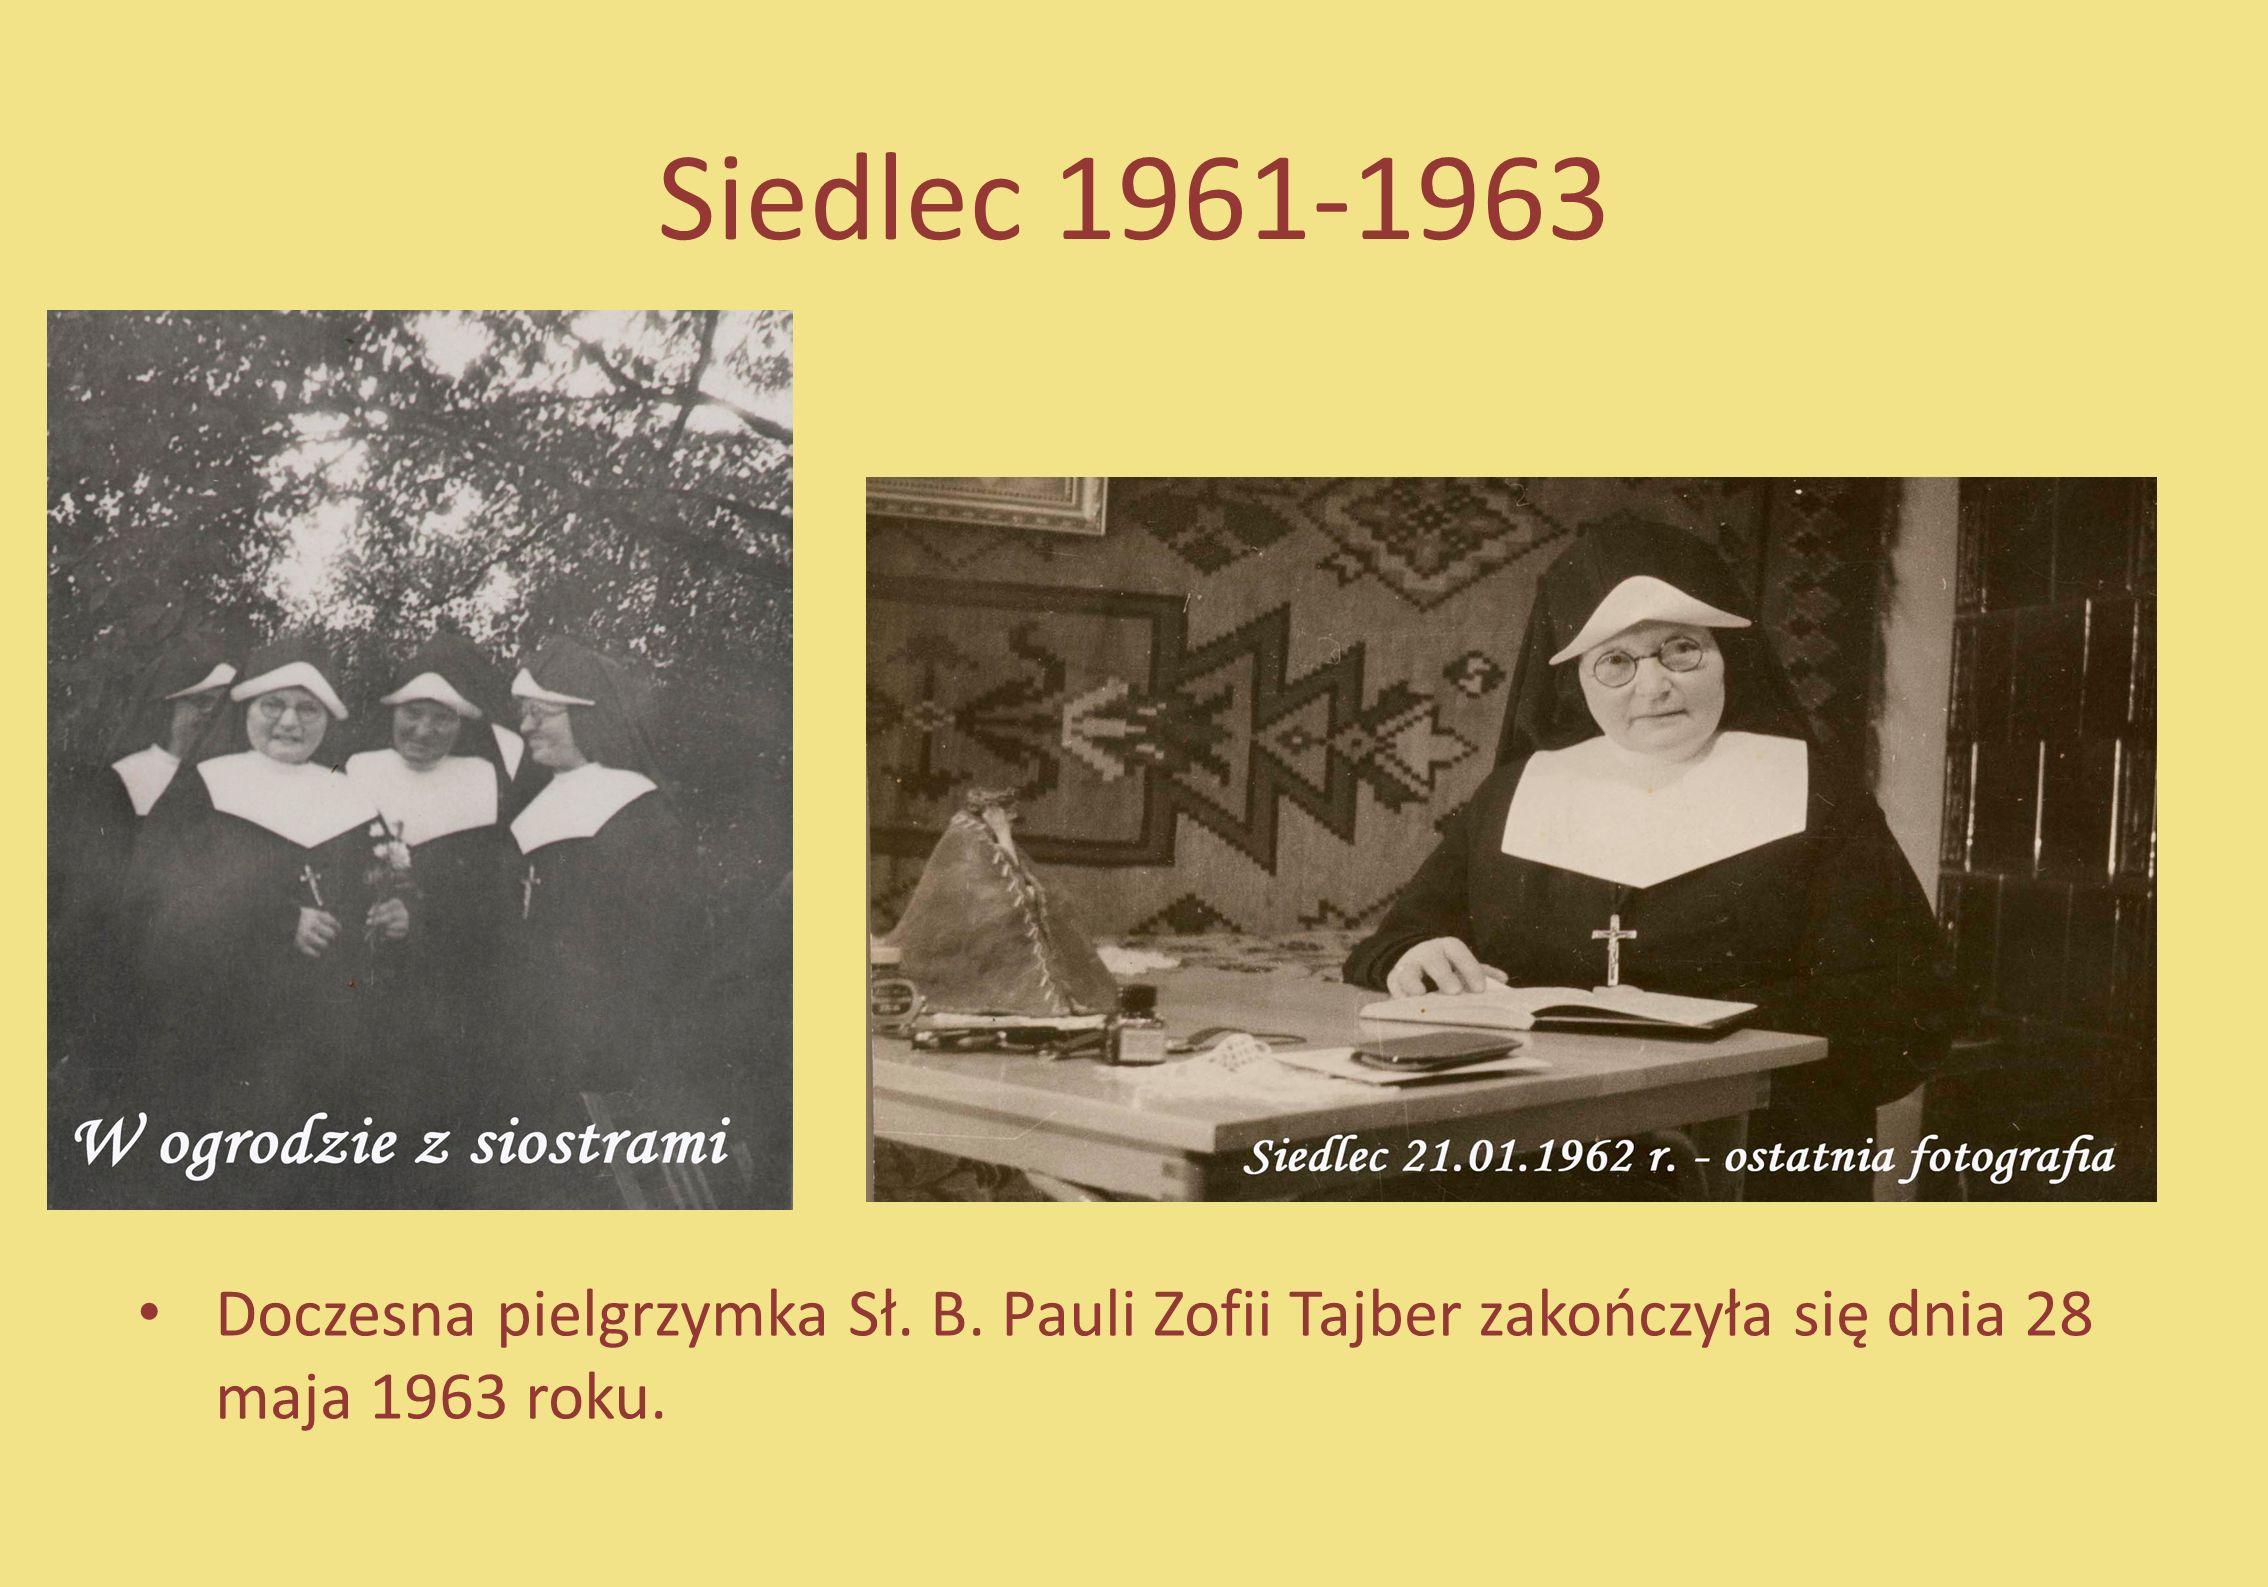 Siedlec 1961-1963 Doczesna pielgrzymka Sł. B. Pauli Zofii Tajber zakończyła się dnia 28 maja 1963 roku.